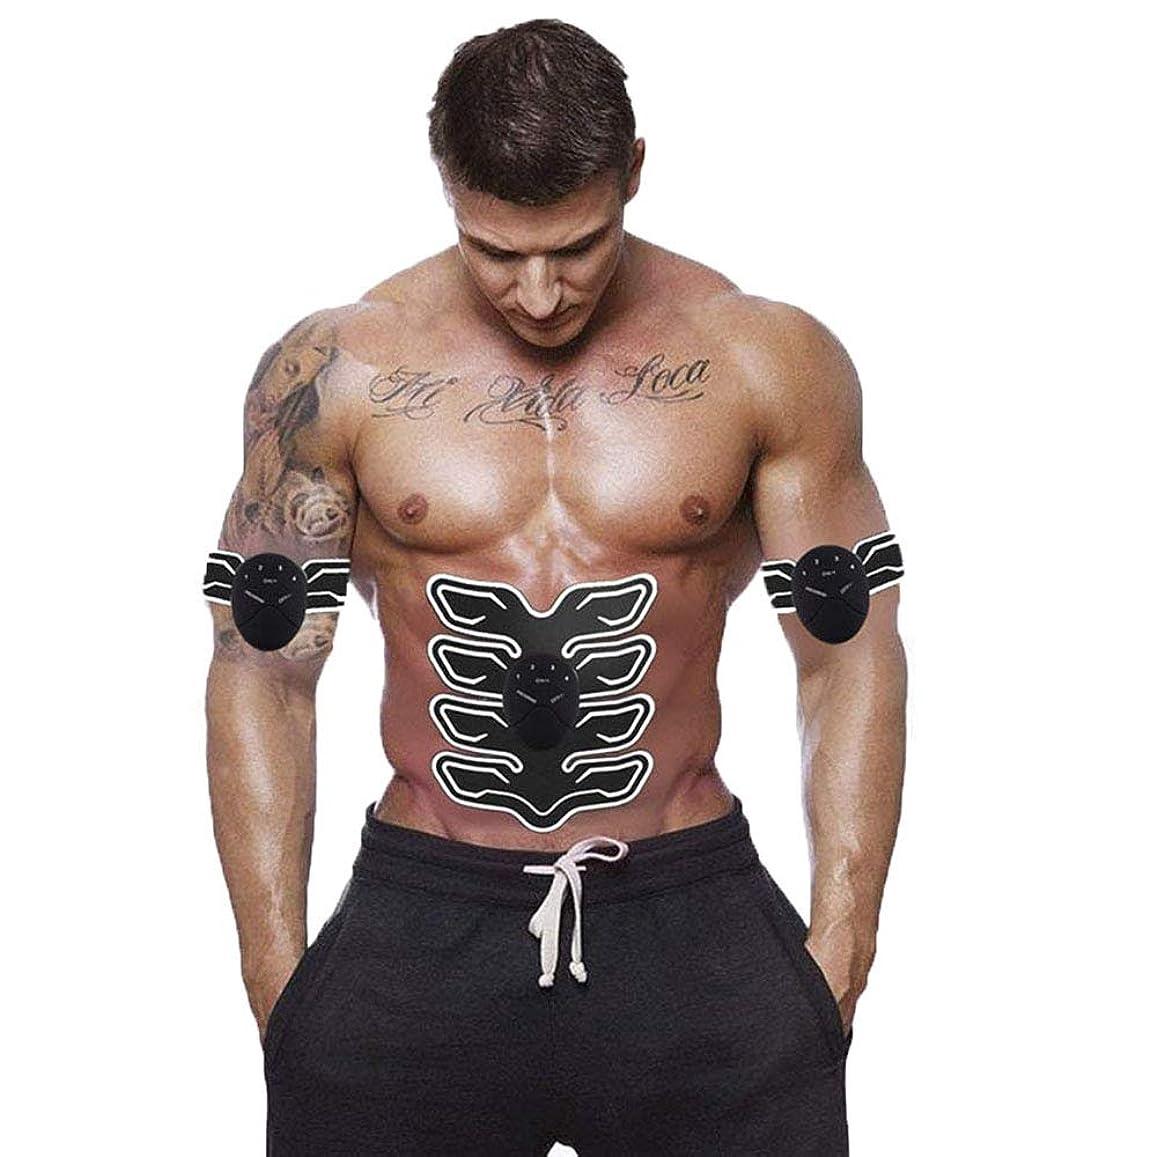 後ろにふりをする消化筋肉トナー腹部調色ベルトポータブル USB 充電式ワイヤレス EMS マッサージ腹部アームレッグトレーニングのためのフィットネス機器